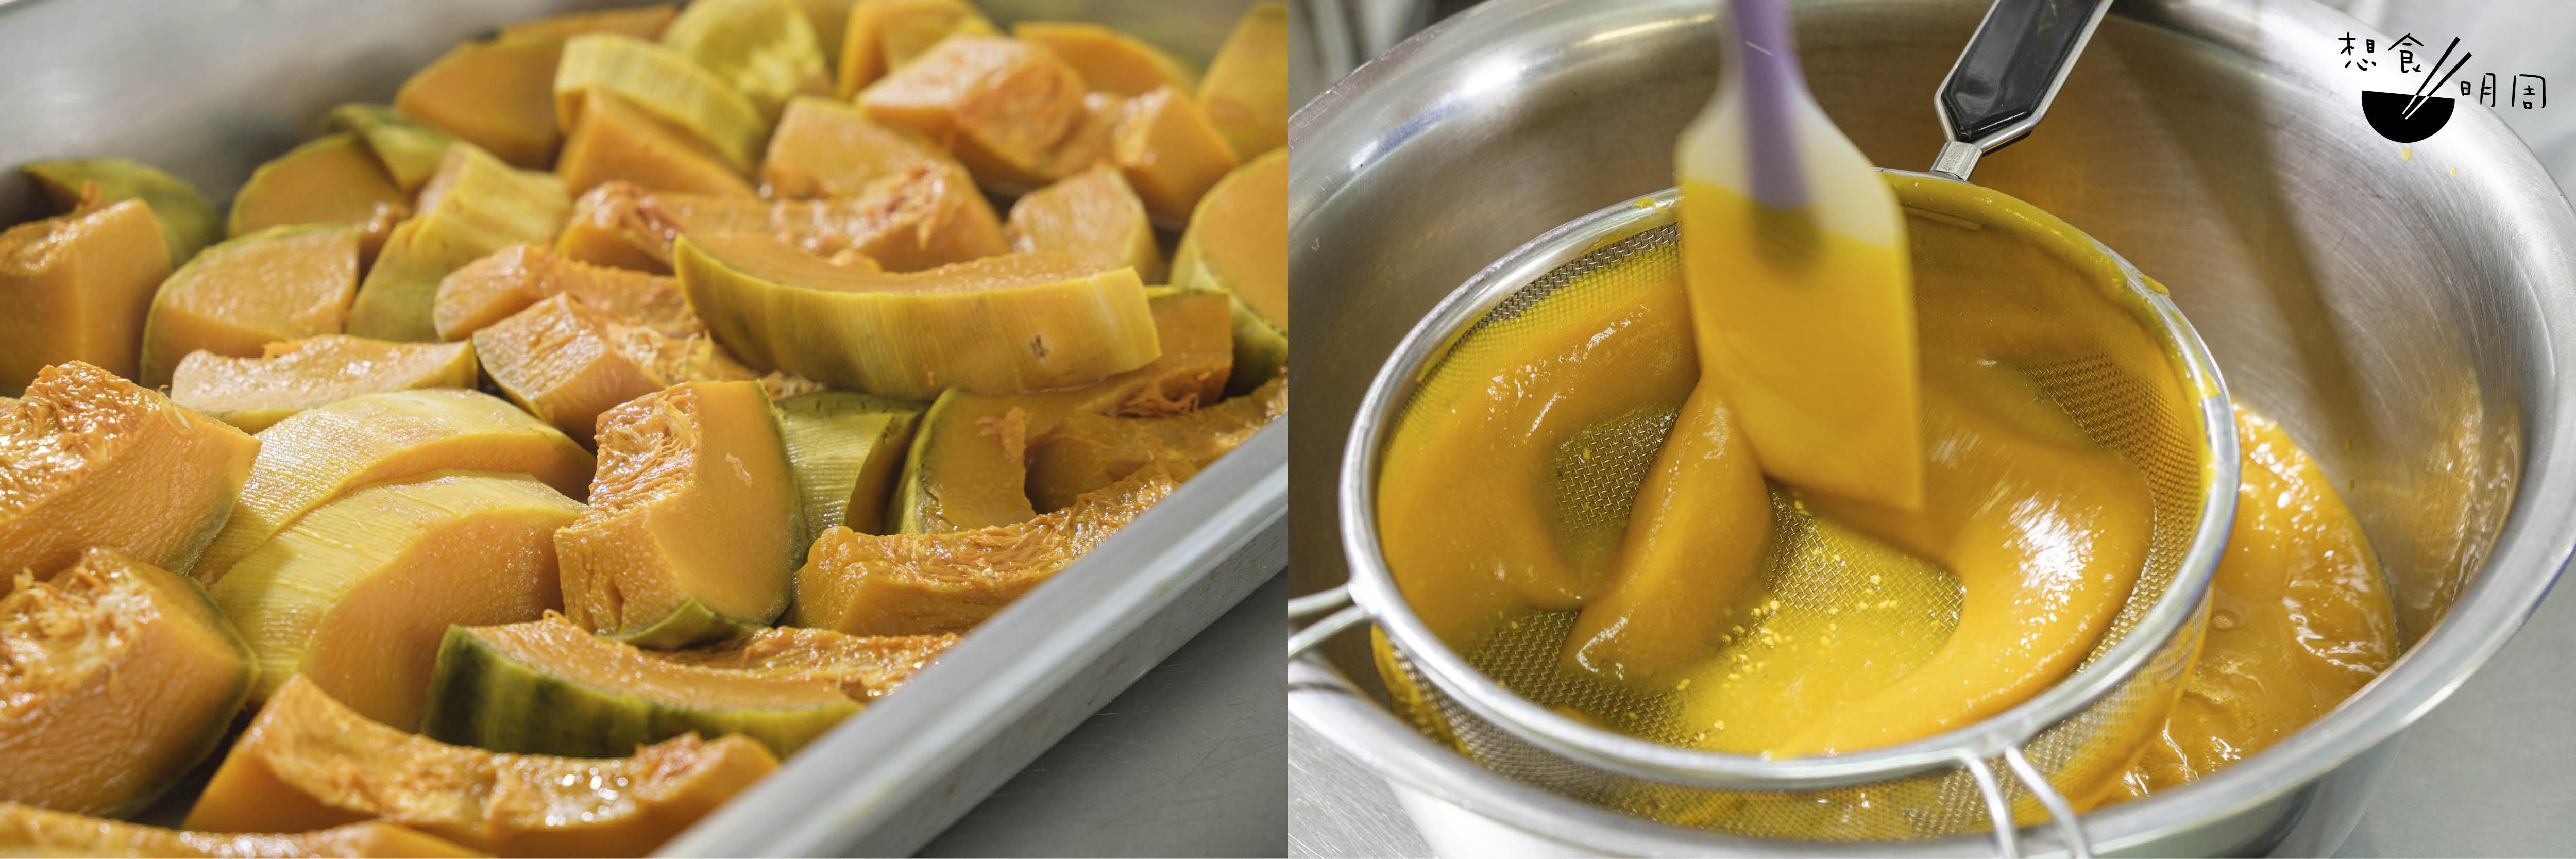 南瓜削皮後蒸起,香噴噴的,難以置信它竟然曾被視為「歪果」。壓成蓉後,即可拌入麵粉之中。